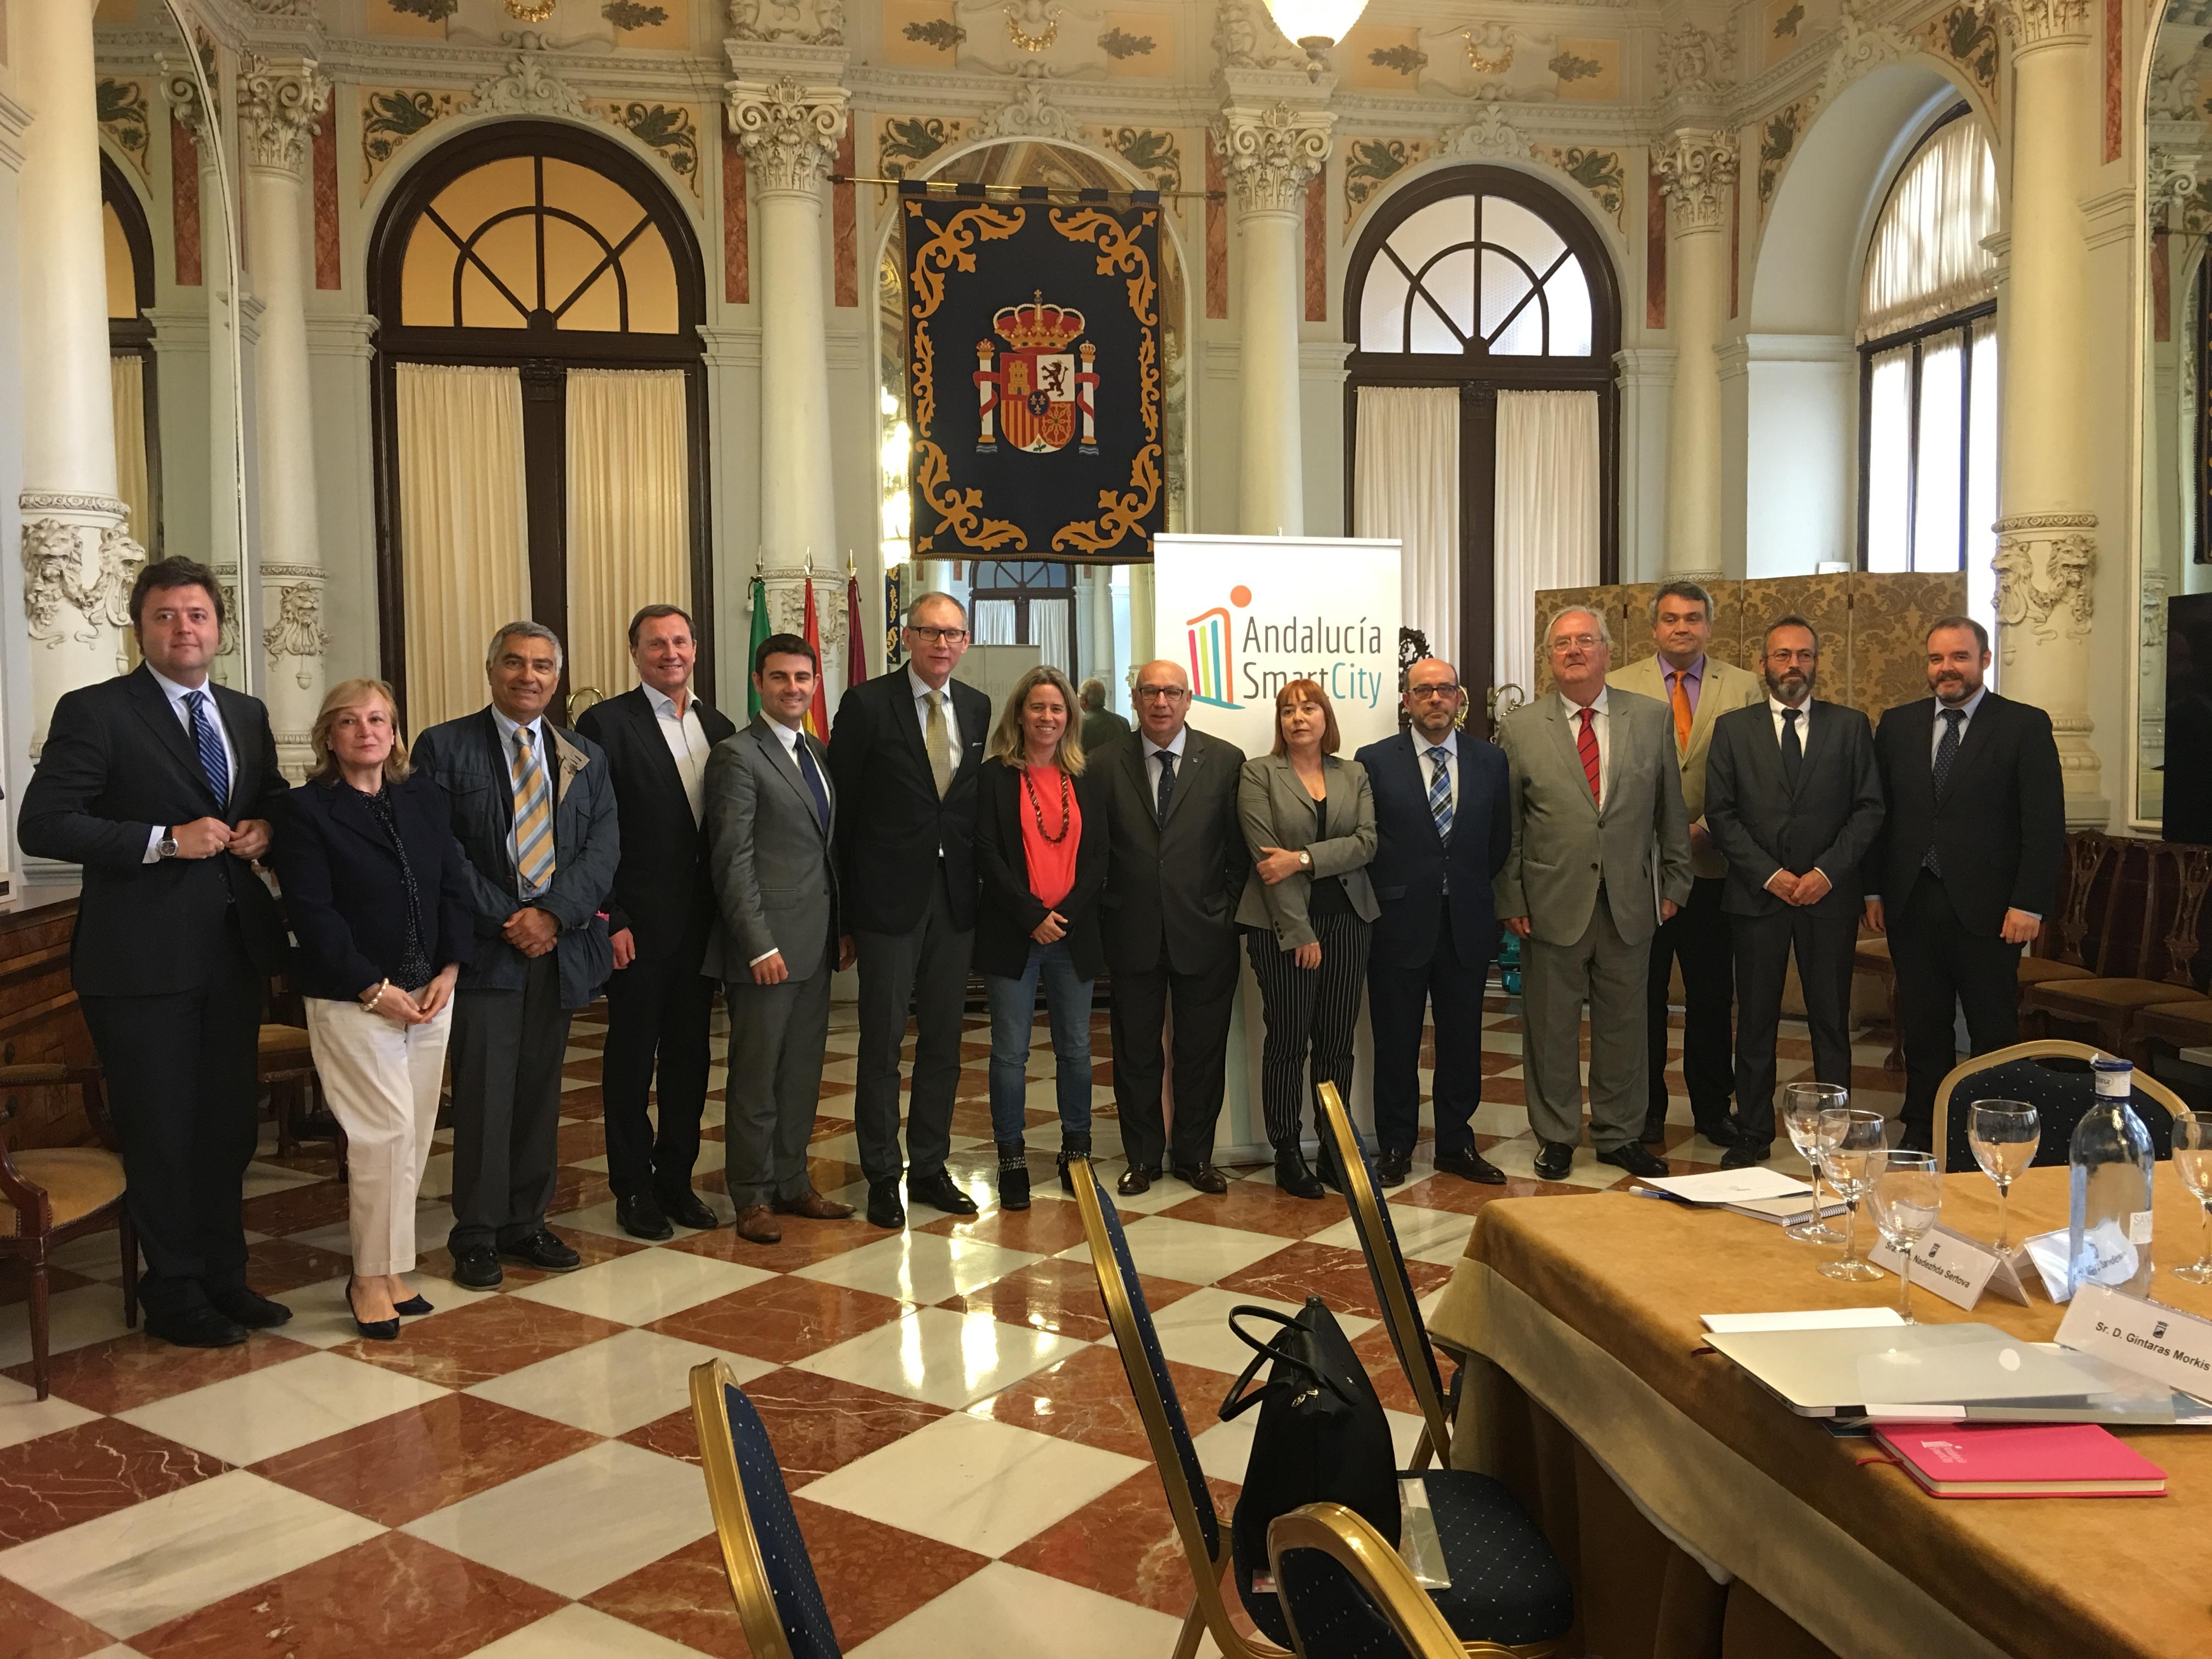 Málaga se convierte en el abanderado europeo de ciudad 'smart city'